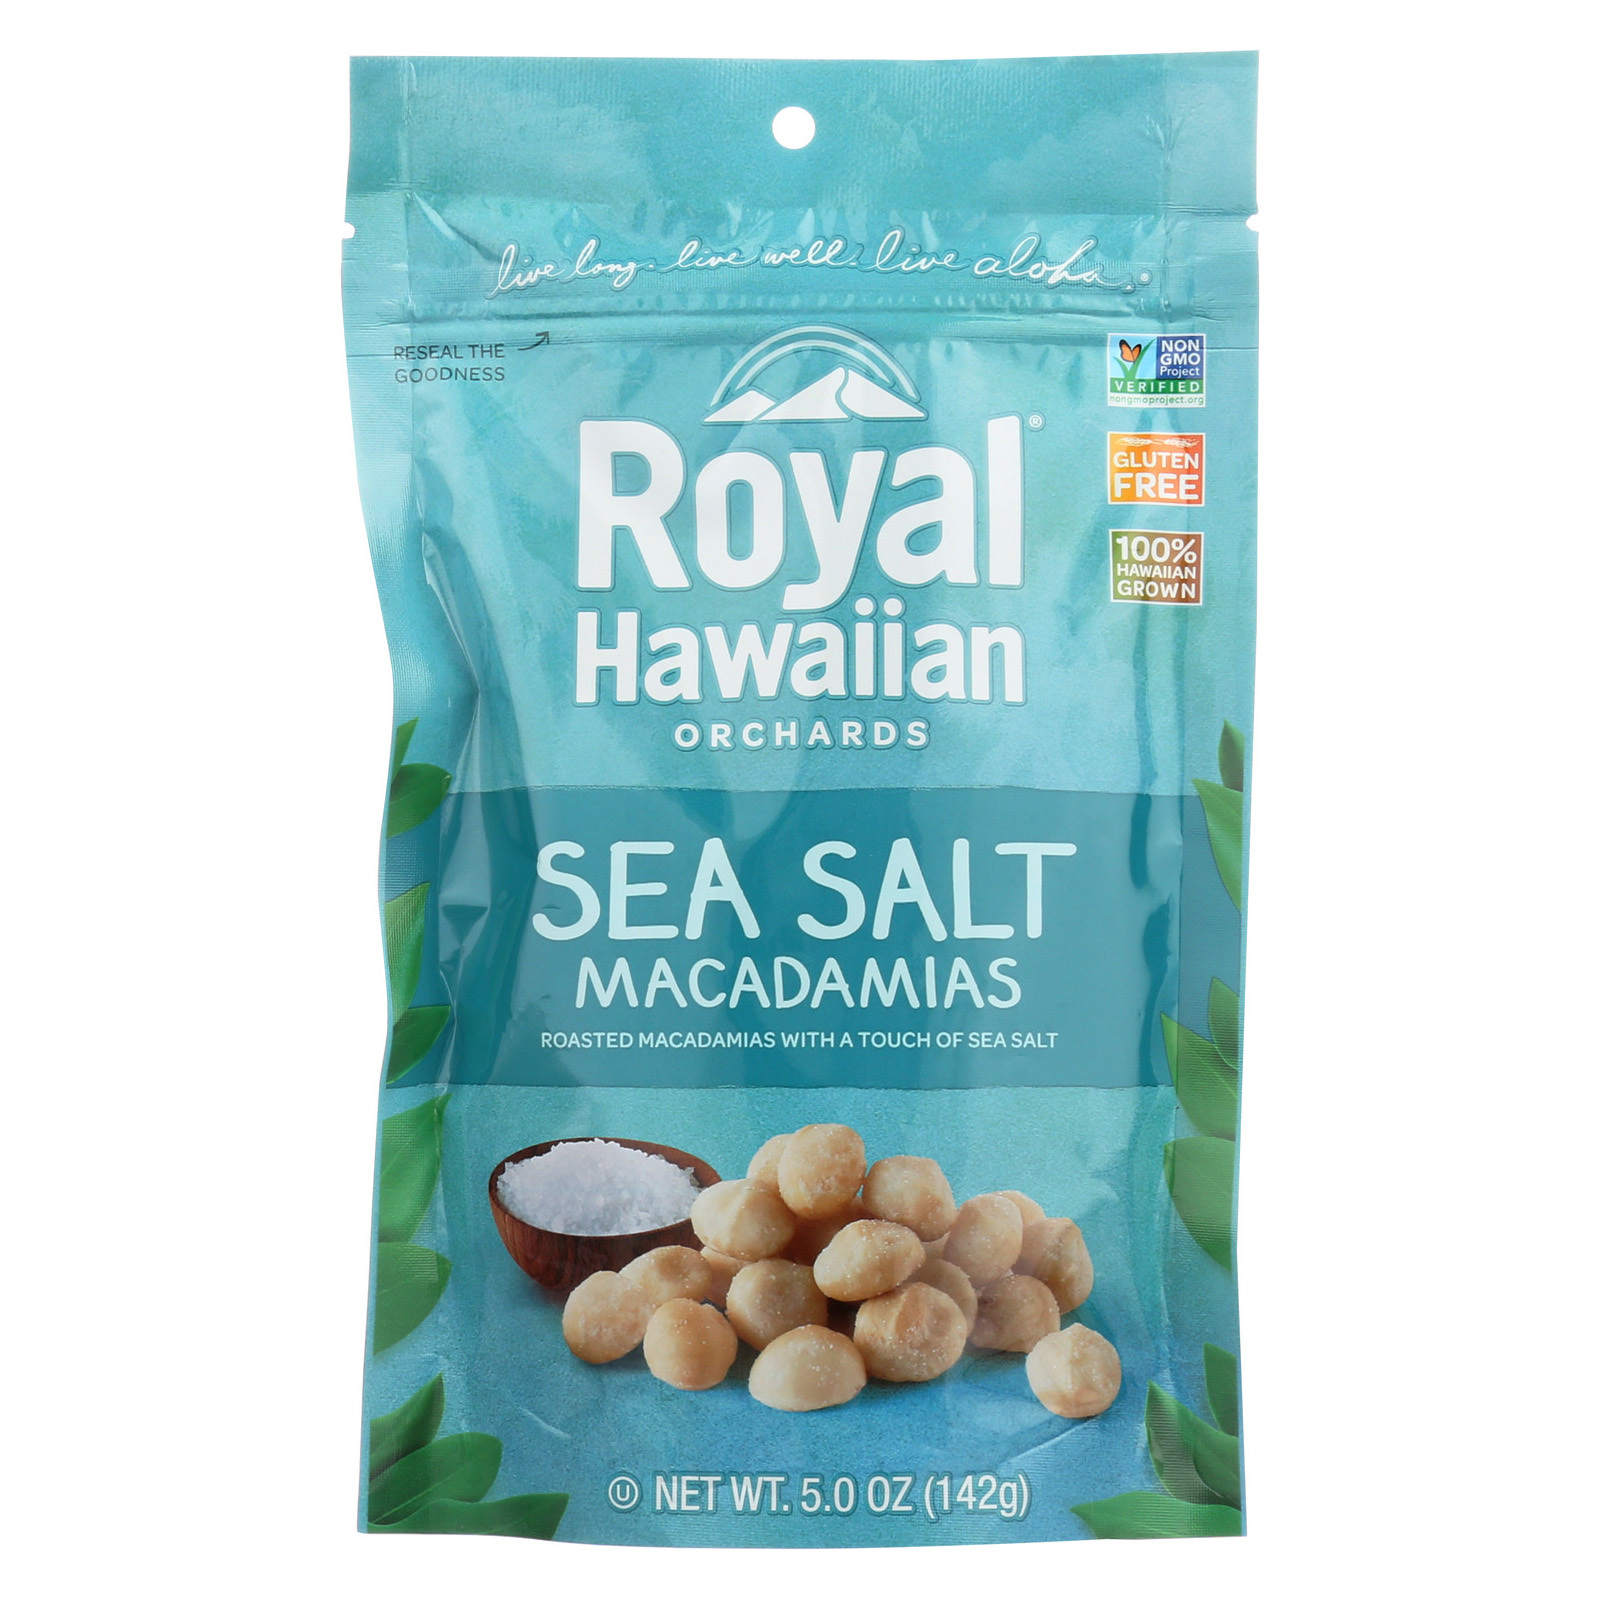 Royal Hawaiian Orchards Macadamias - Sea Salt - Case of 6 - 5 oz.